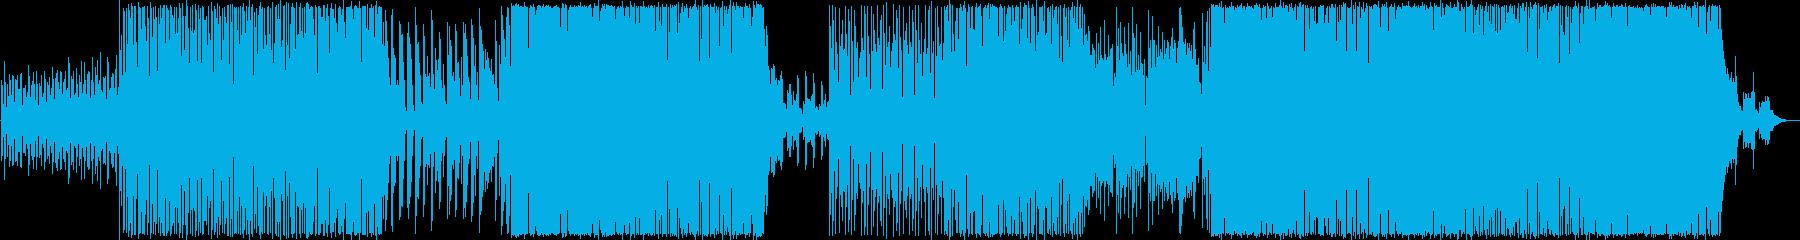 ノスタルジックなおしゃれサウンドの再生済みの波形